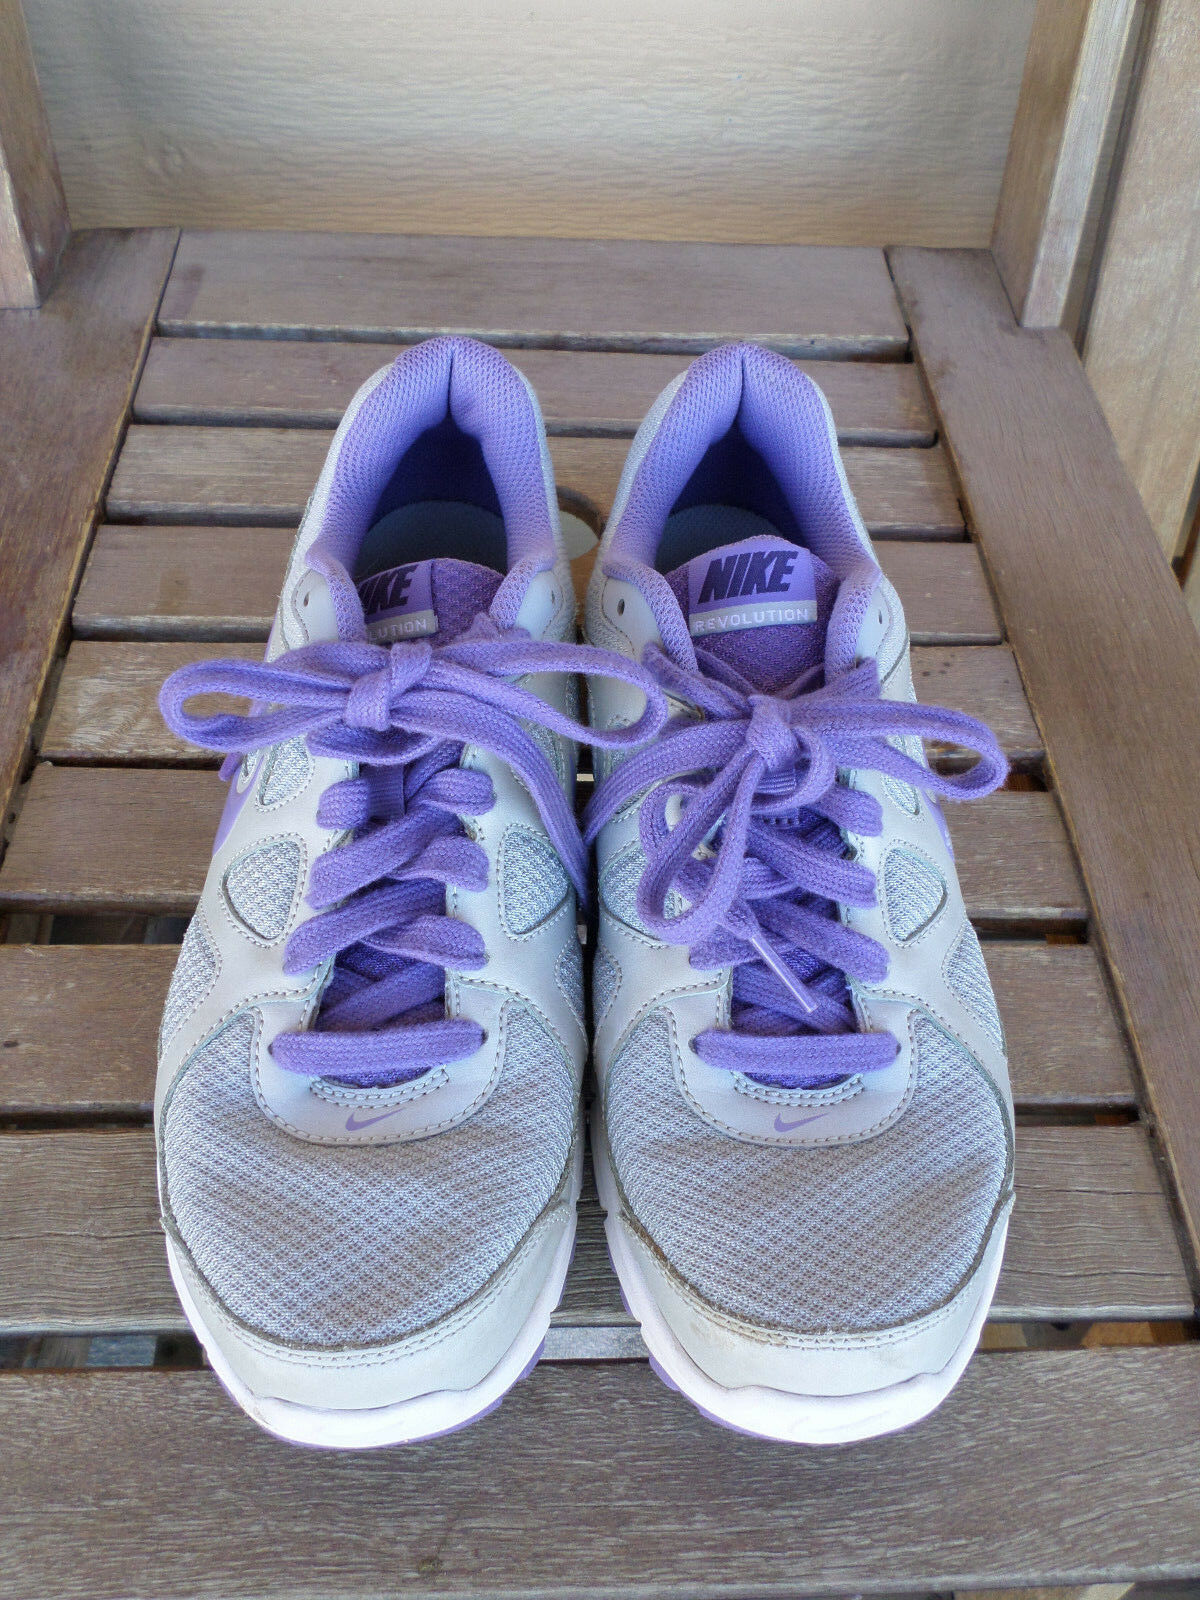 nike nike nike rivoluzione grigio / viola di scarpe da corsa, le dimensioni 8 | Sensazione piacevole  | Modalità moderna  | Scolaro/Signora Scarpa  ace349